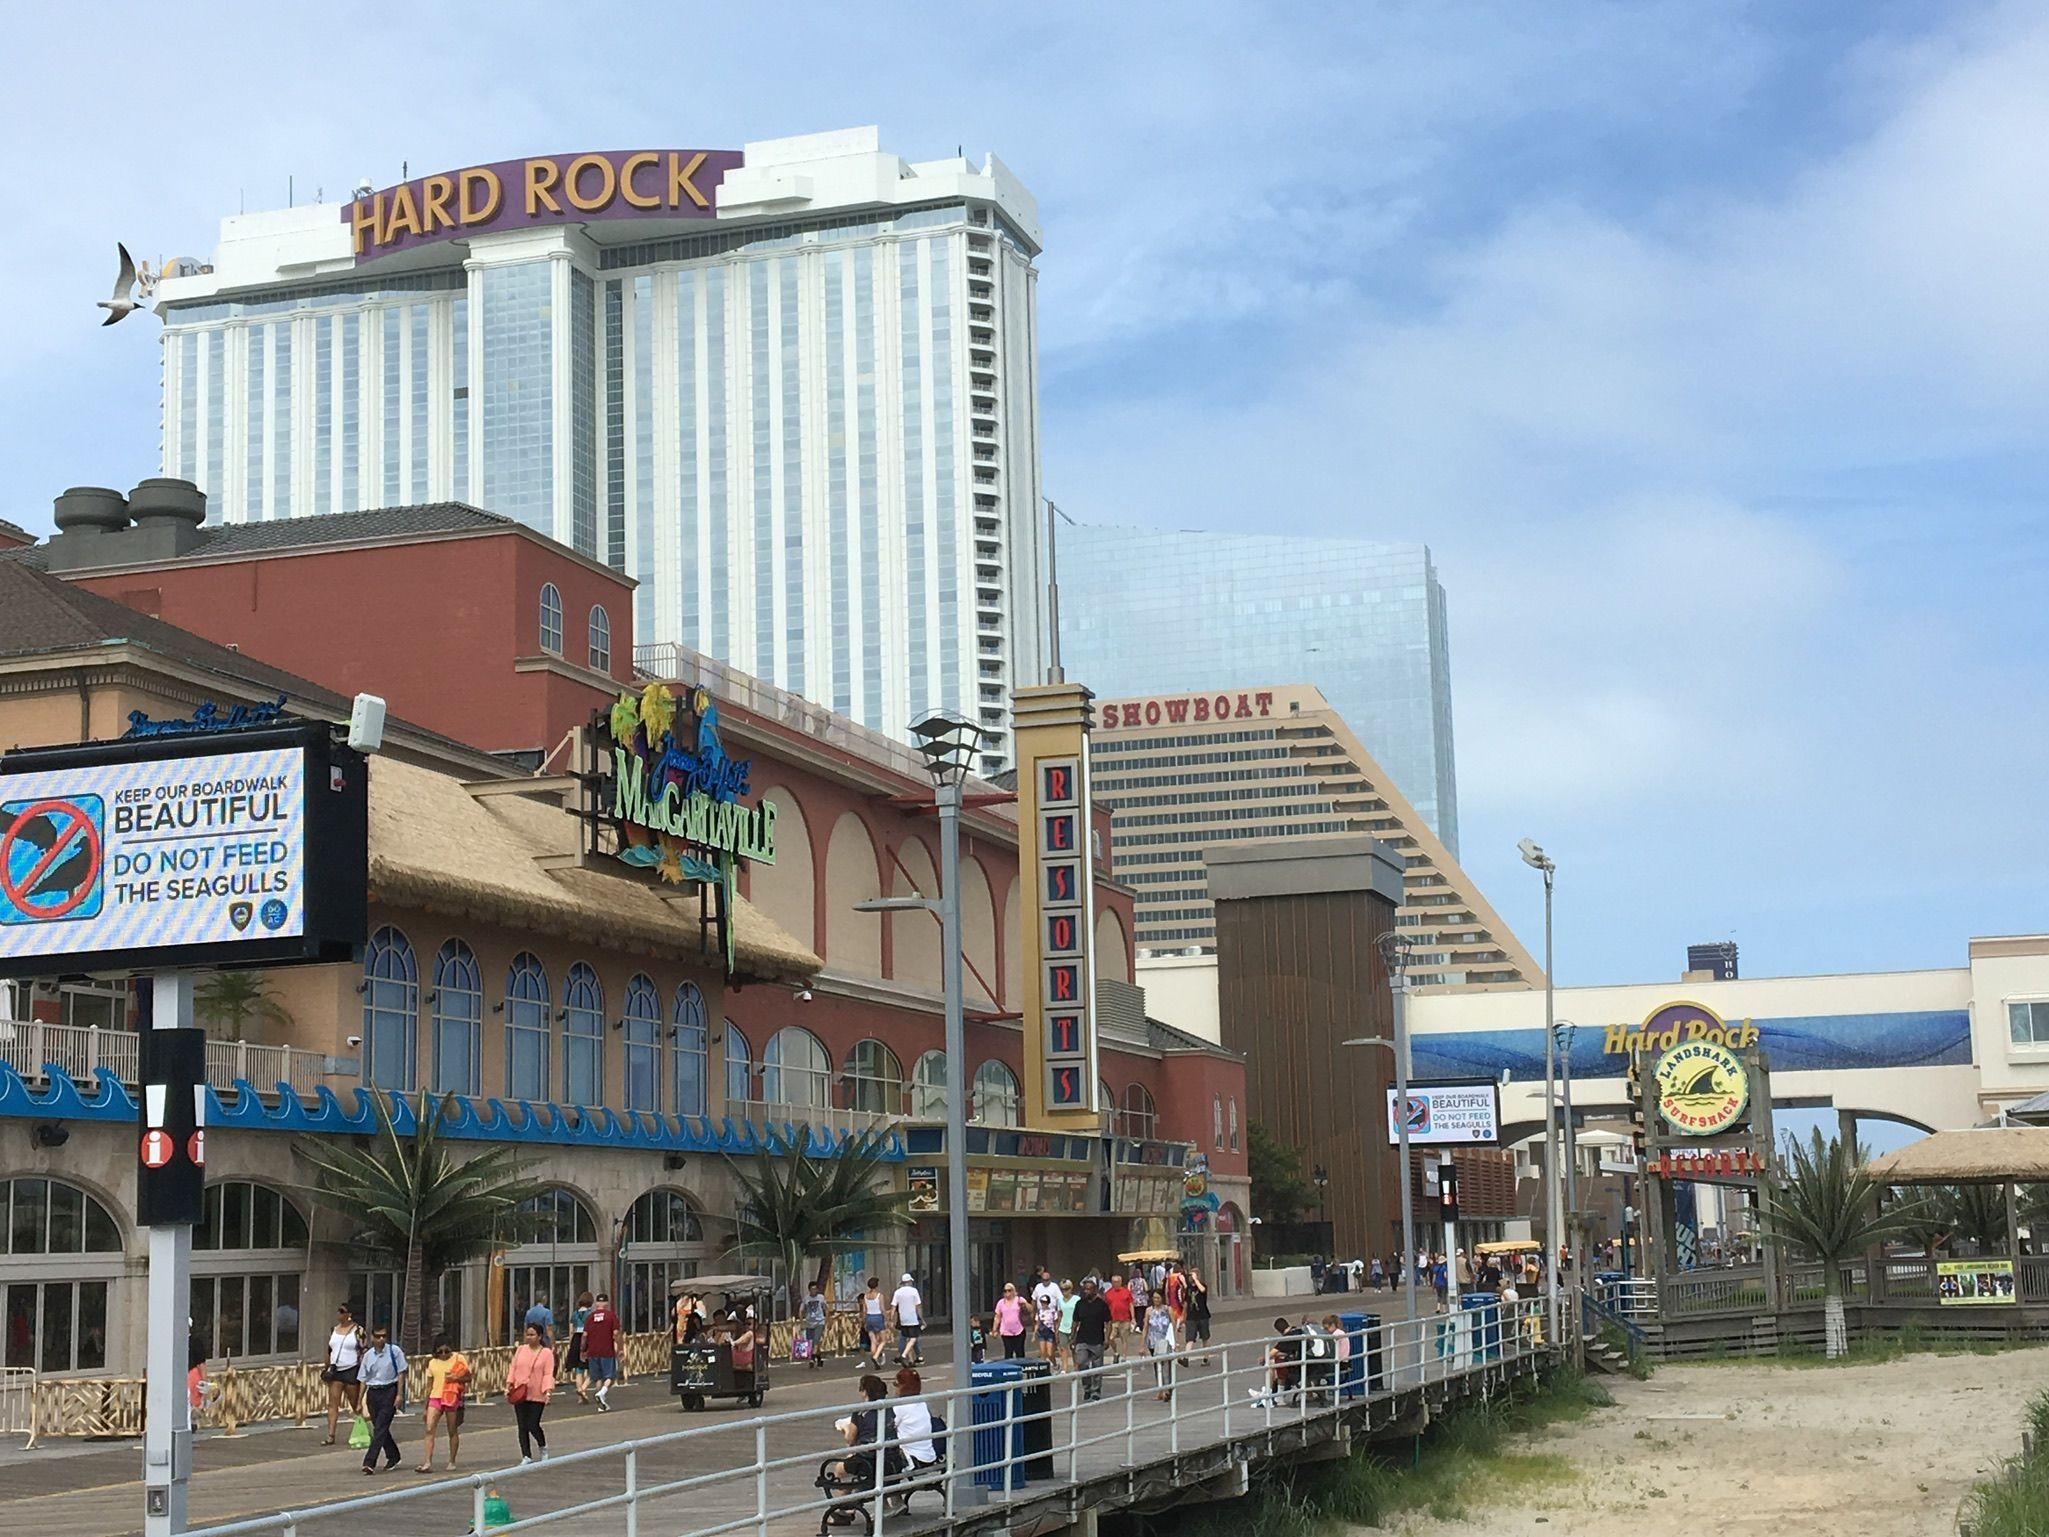 Hardrock Hotel And Casino Atlantic City New Jersey Atlantic City Hard Rock Hotel City